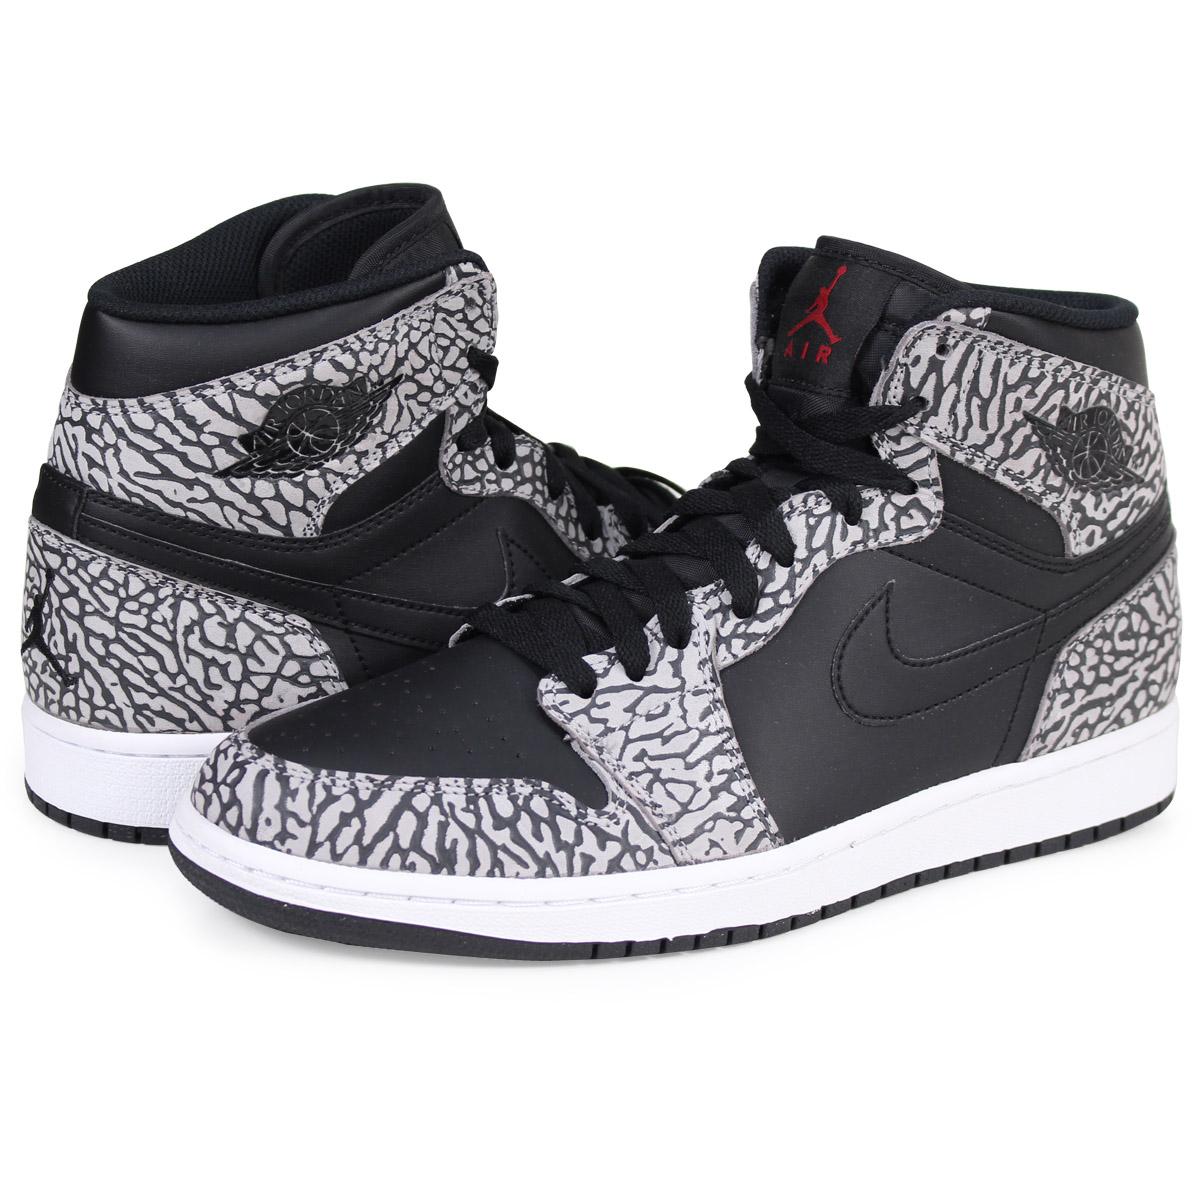 8597ede0f2286c NIKE AIR JORDAN 1 RETRO HIGH Nike Air Jordan 1 nostalgic high sneakers men  839